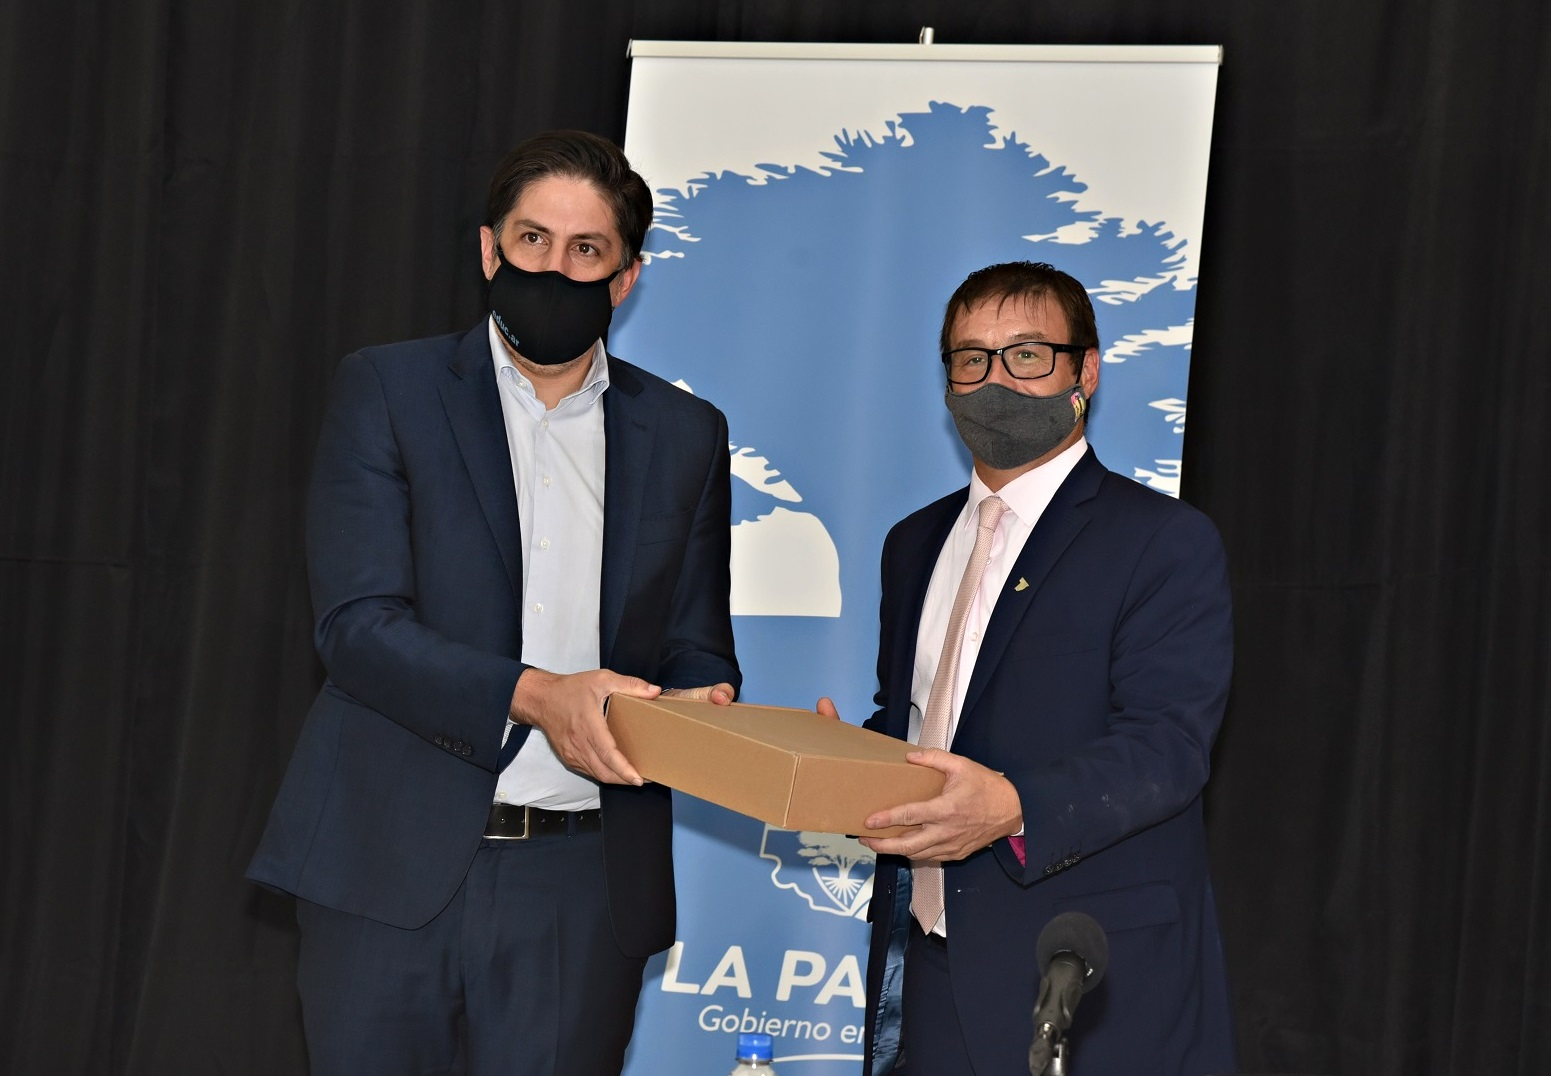 El ministro Trotta confirmó que Nación enviará 200 Notebooks para la revinculación educativa con estudiantes en el programa 'Puentes de Igualdad'